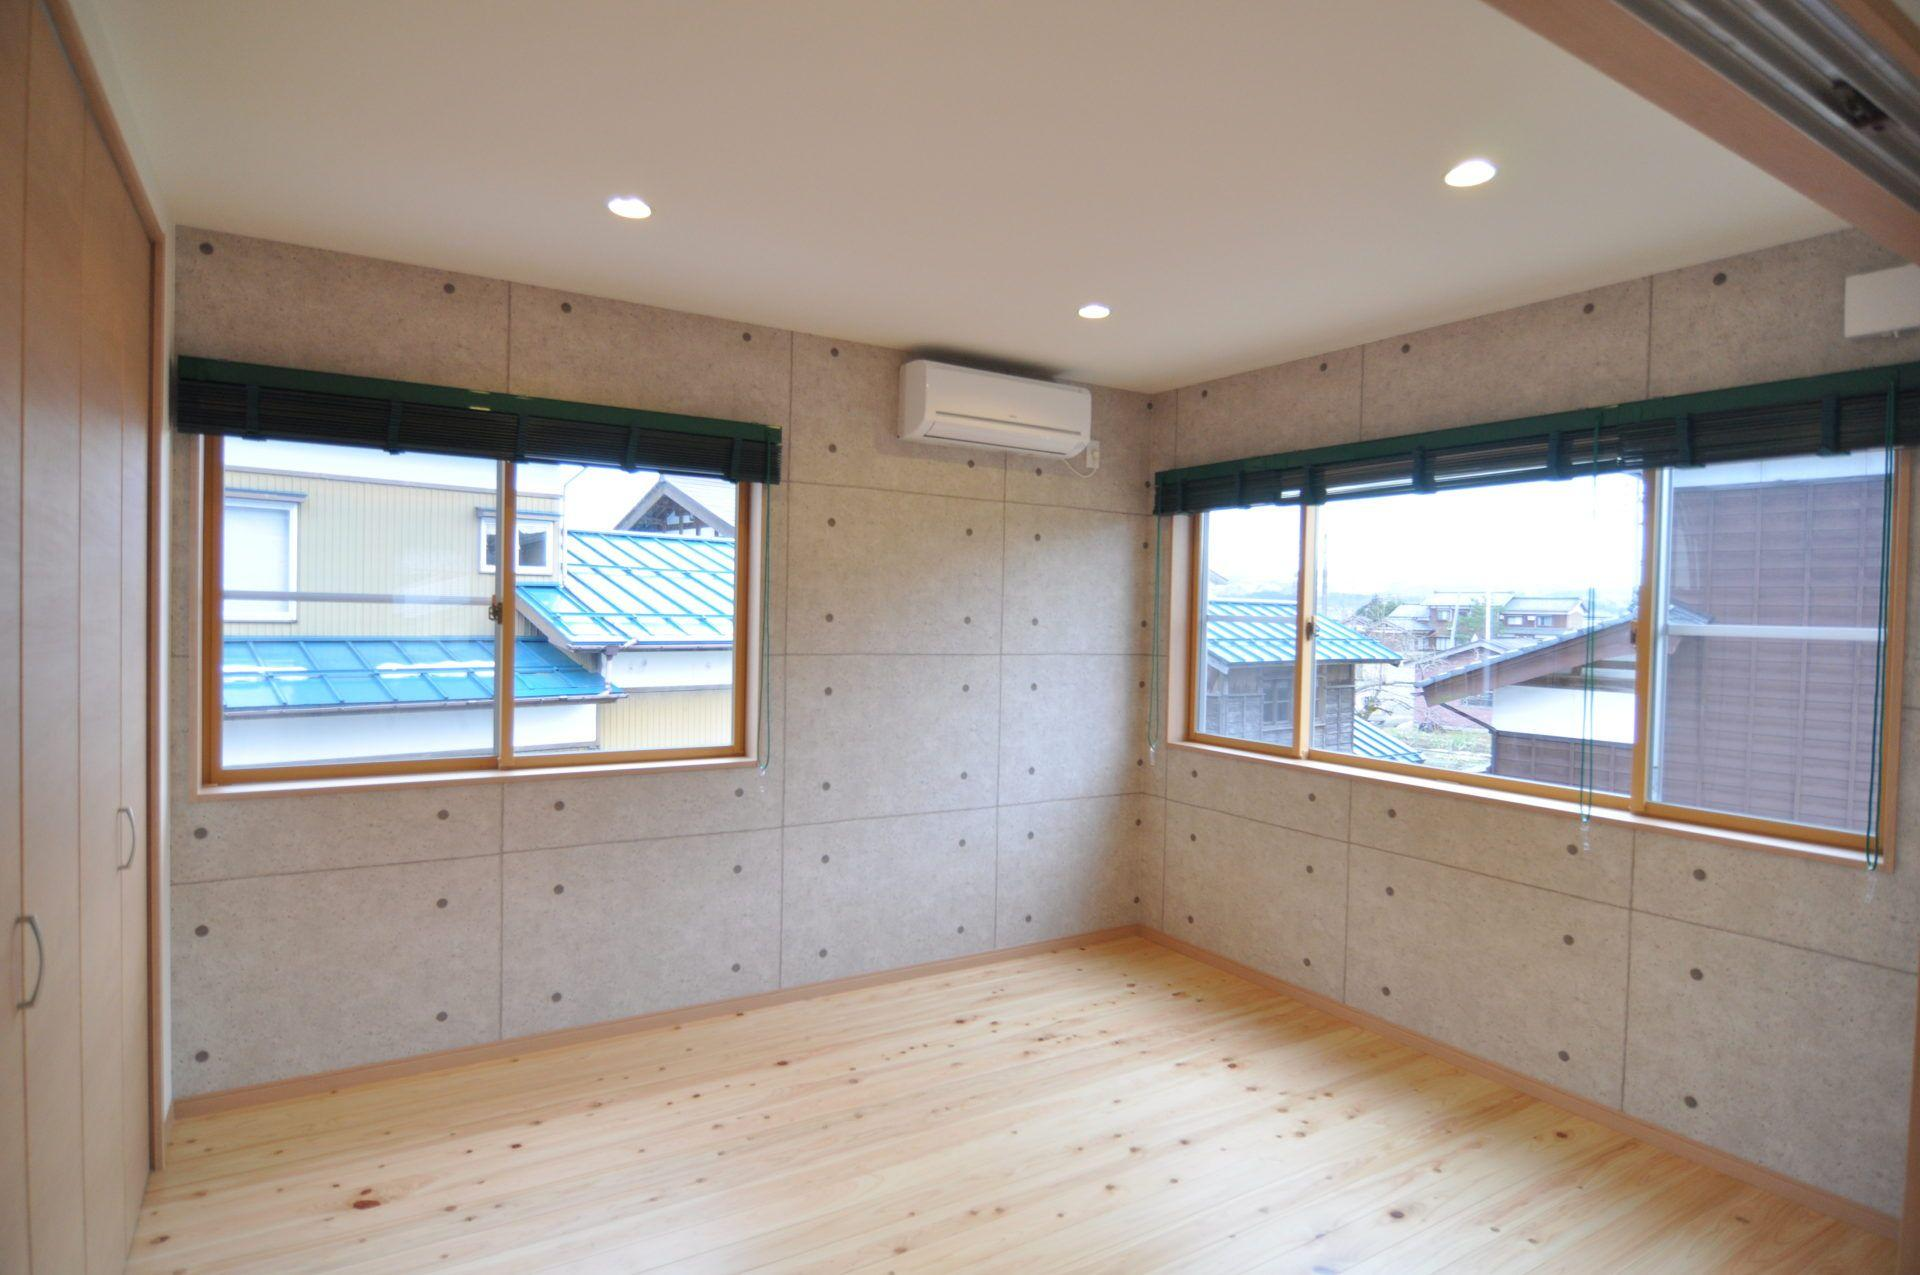 有限会社 市川建築店 1級建築士事務所「車庫と趣味の家」のシンプル・ナチュラルな居室の実例写真